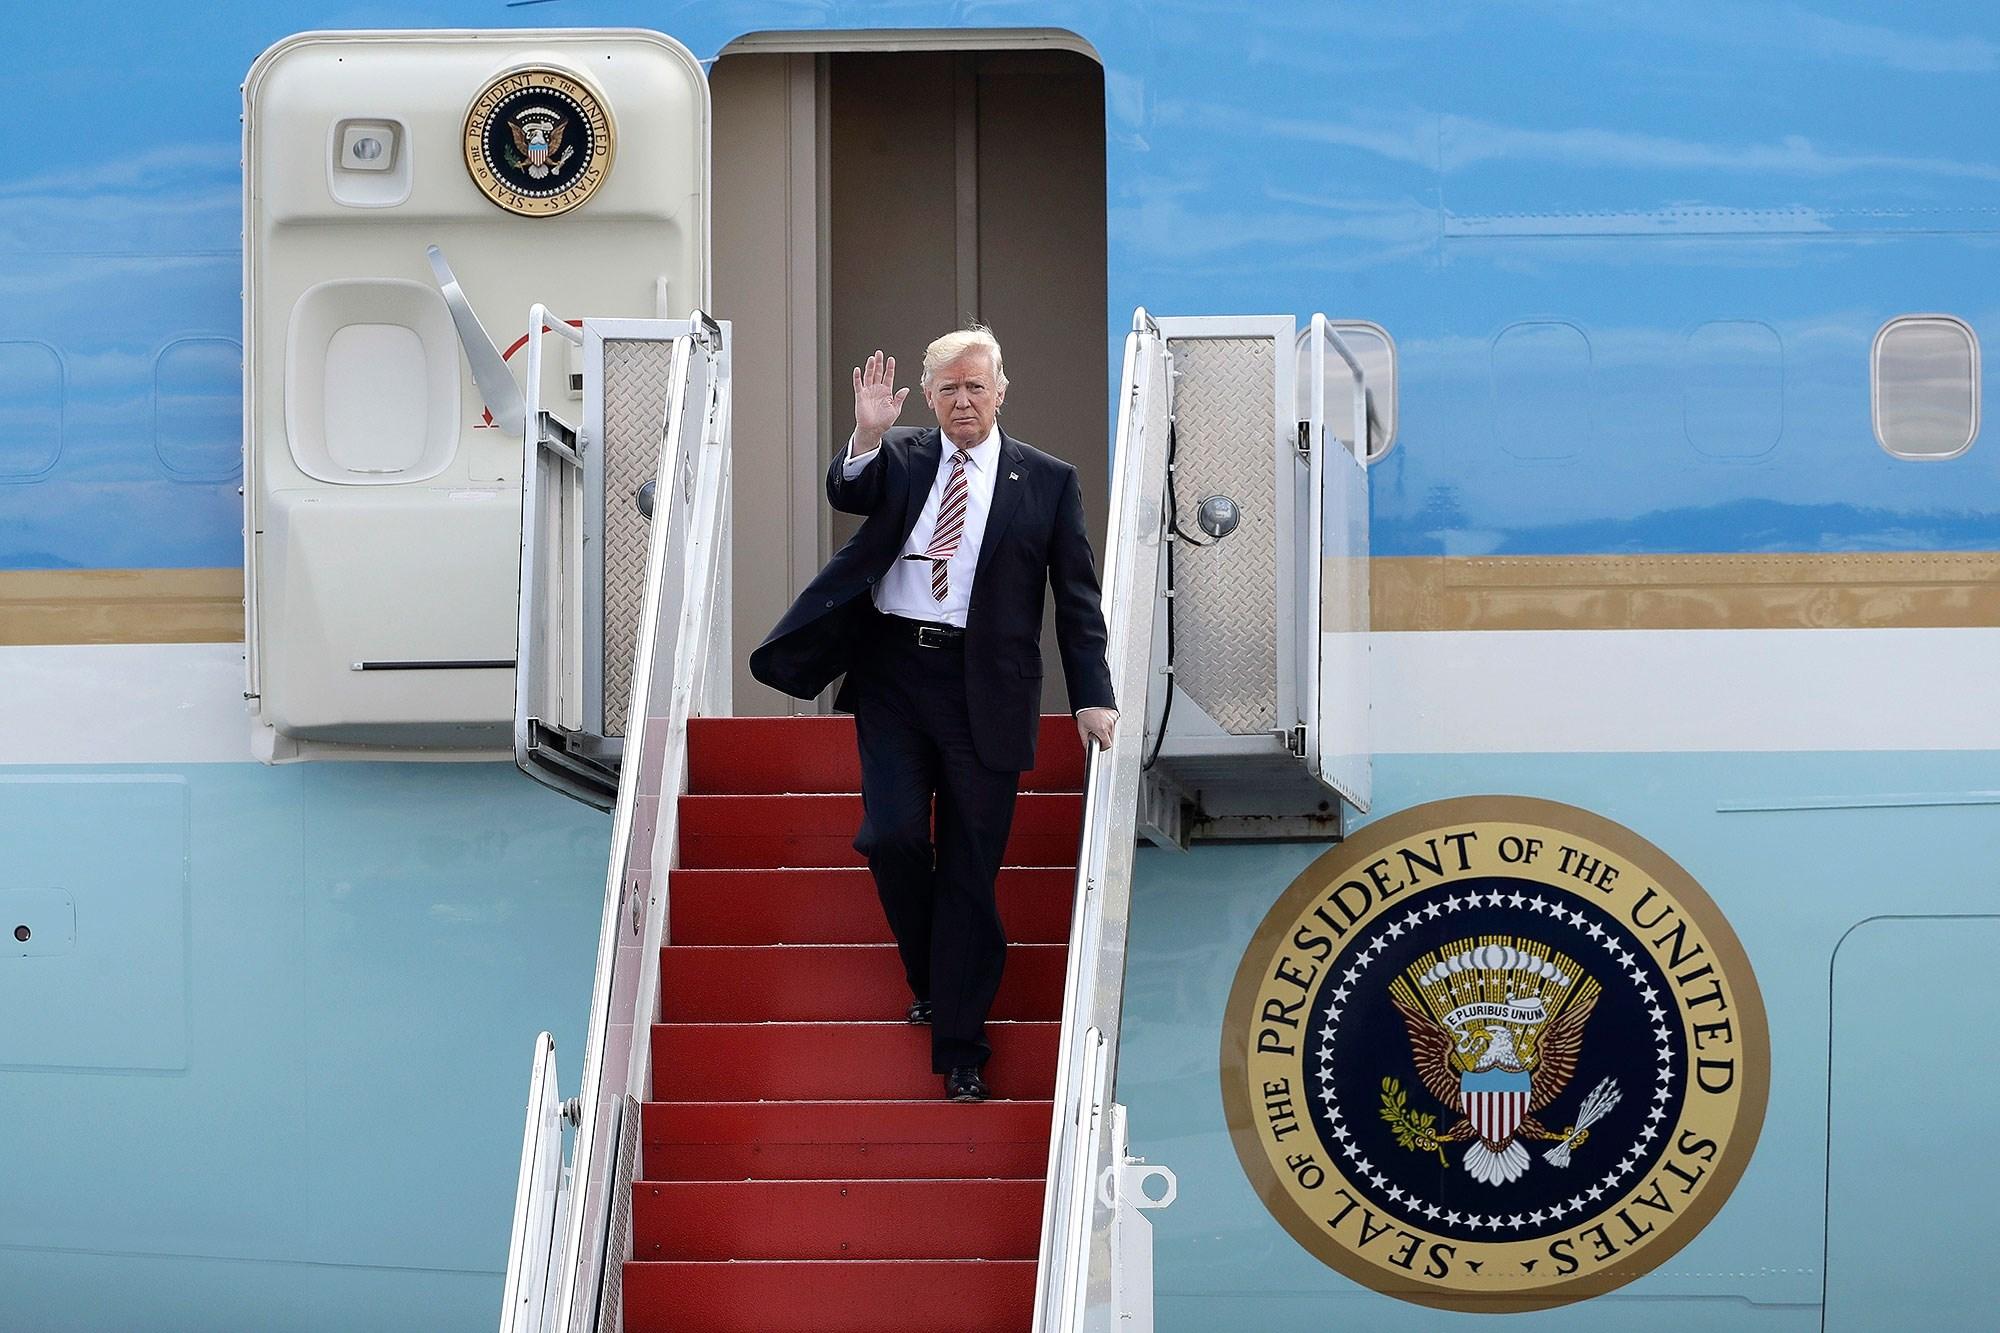 ترامب سيغادر واشنطن فجر الأربعاء القادم قبل ساعات من تنصيب خلفه بايدن